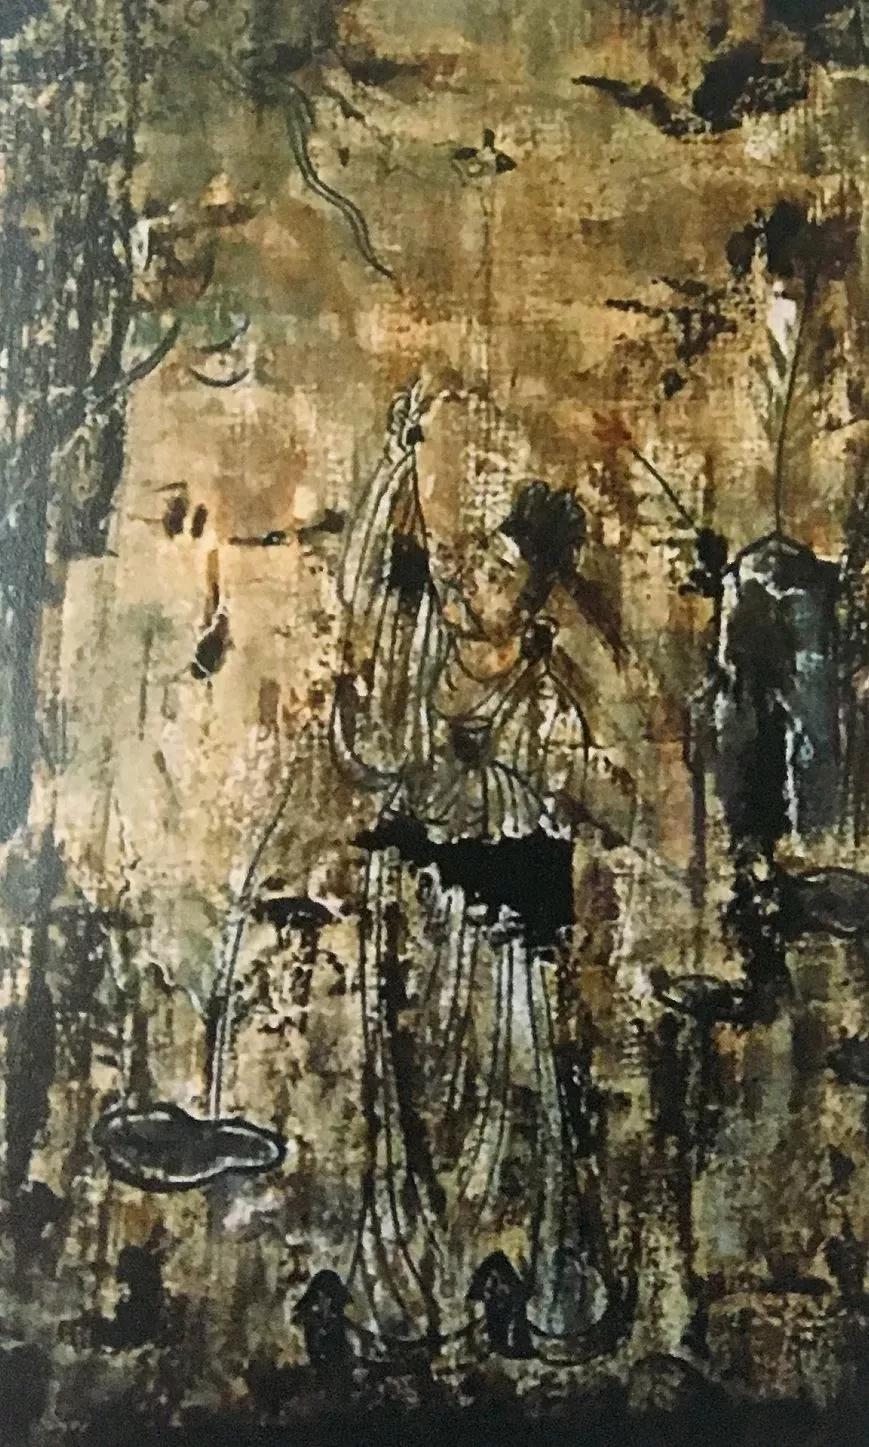 ▲山西太原金胜村337号唐墓墓室第2幅屏风画